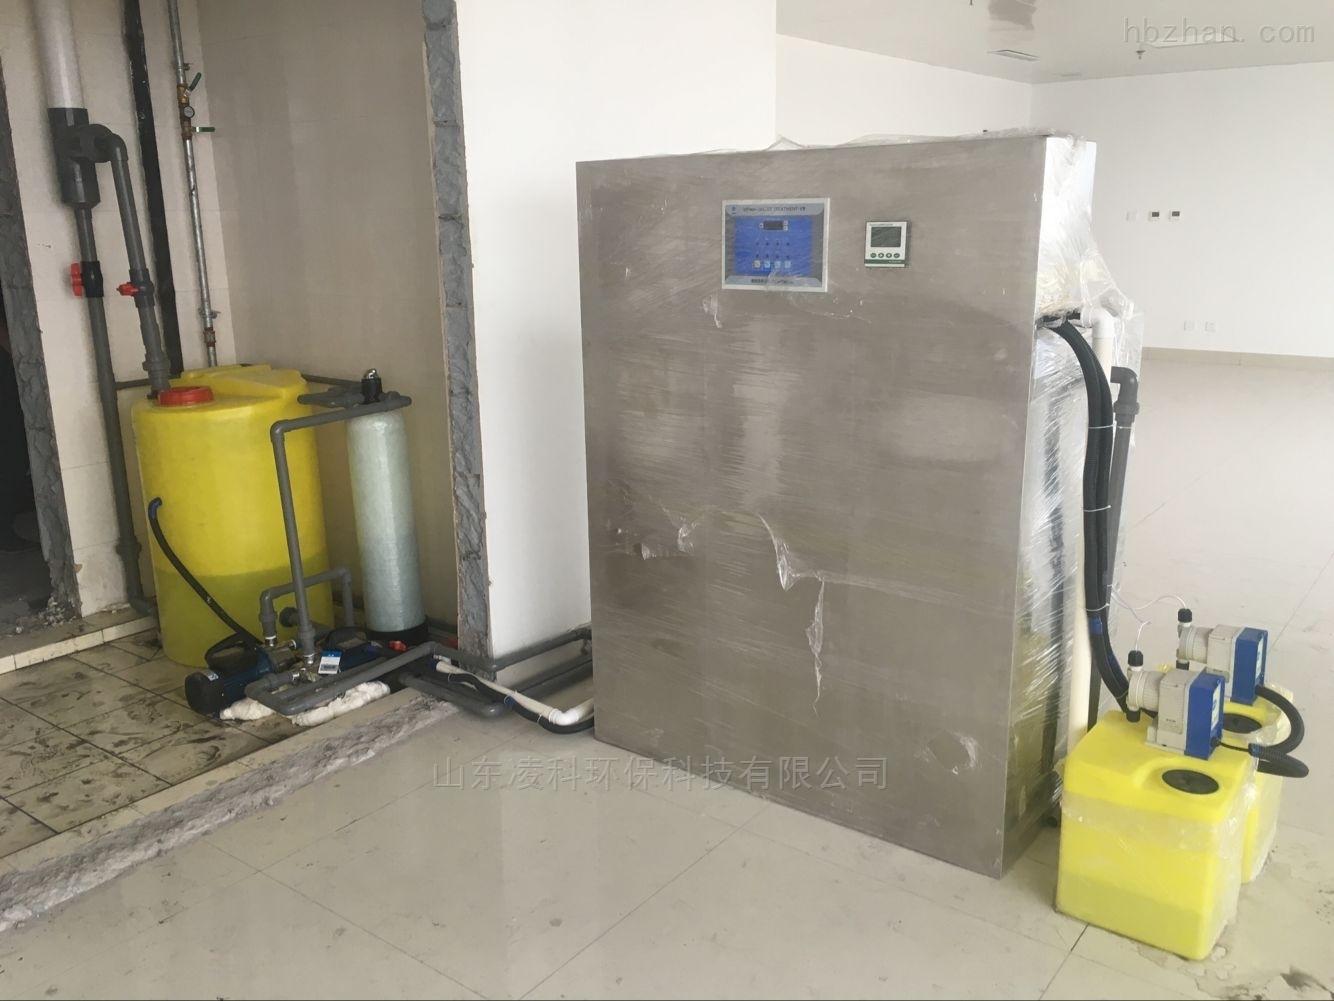 沈阳化工金属实验室污水处理设备技术参数